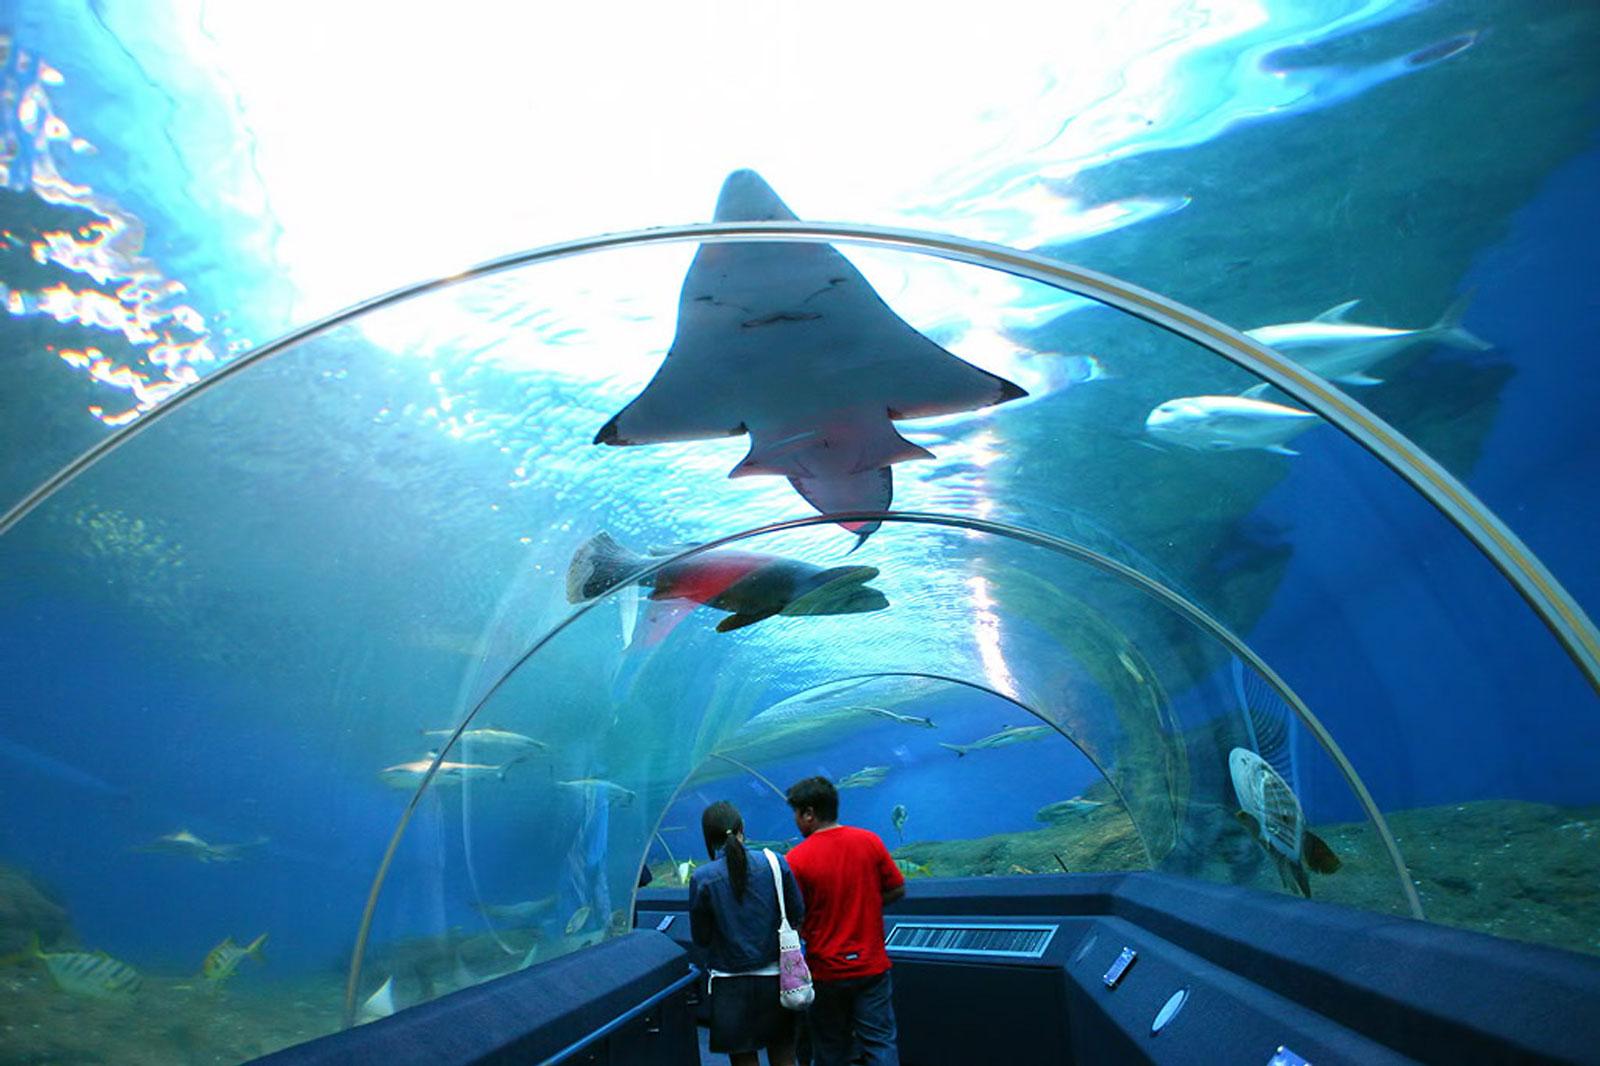 Impressive Aquarium Tunnel in Thailand by Classique Plastics